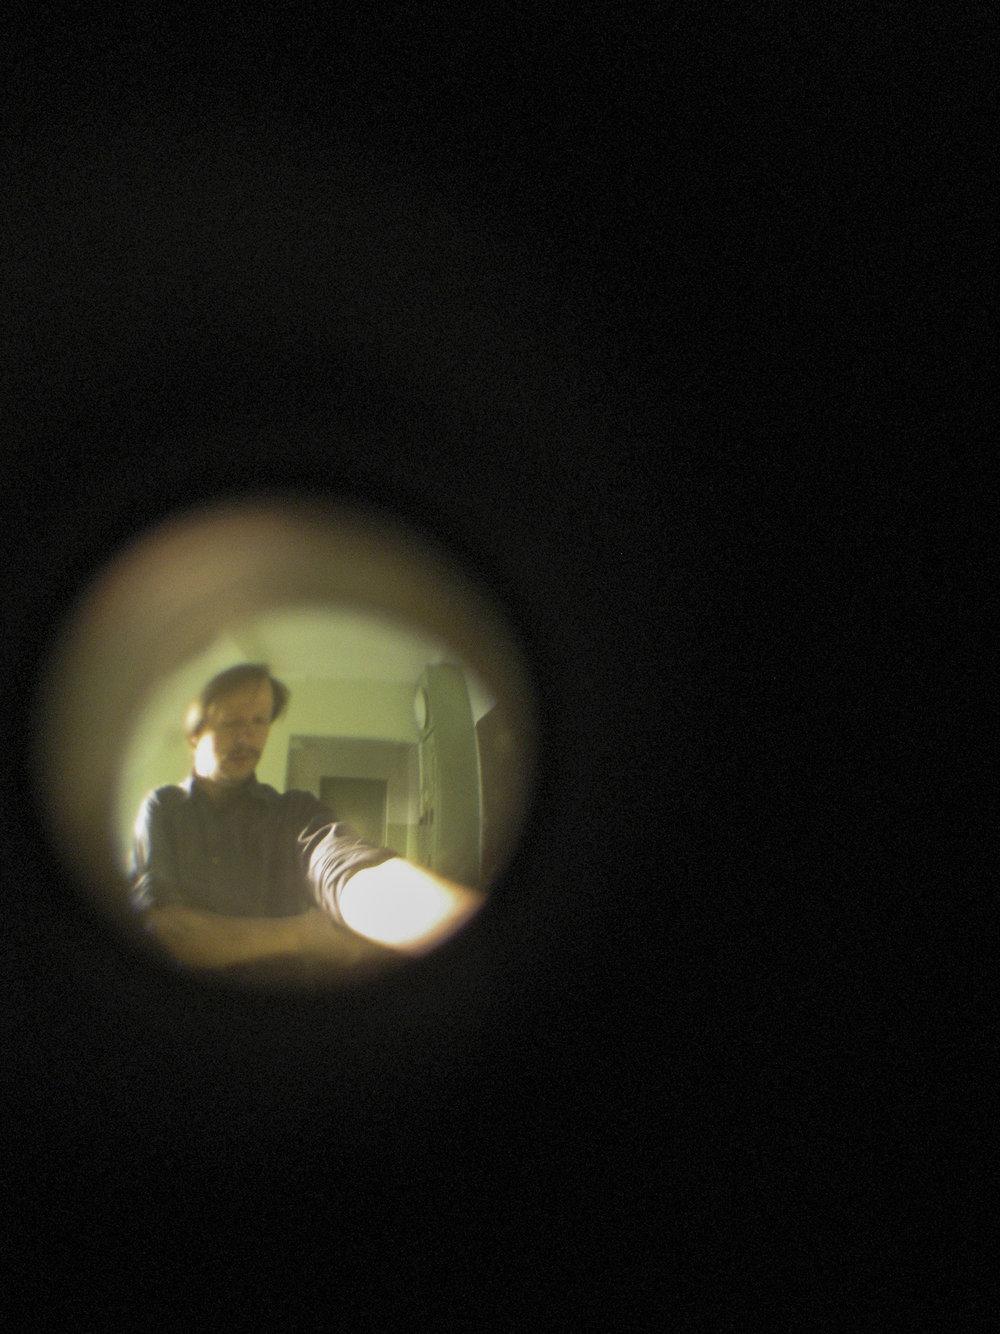 Surveillance: Warsaw.67